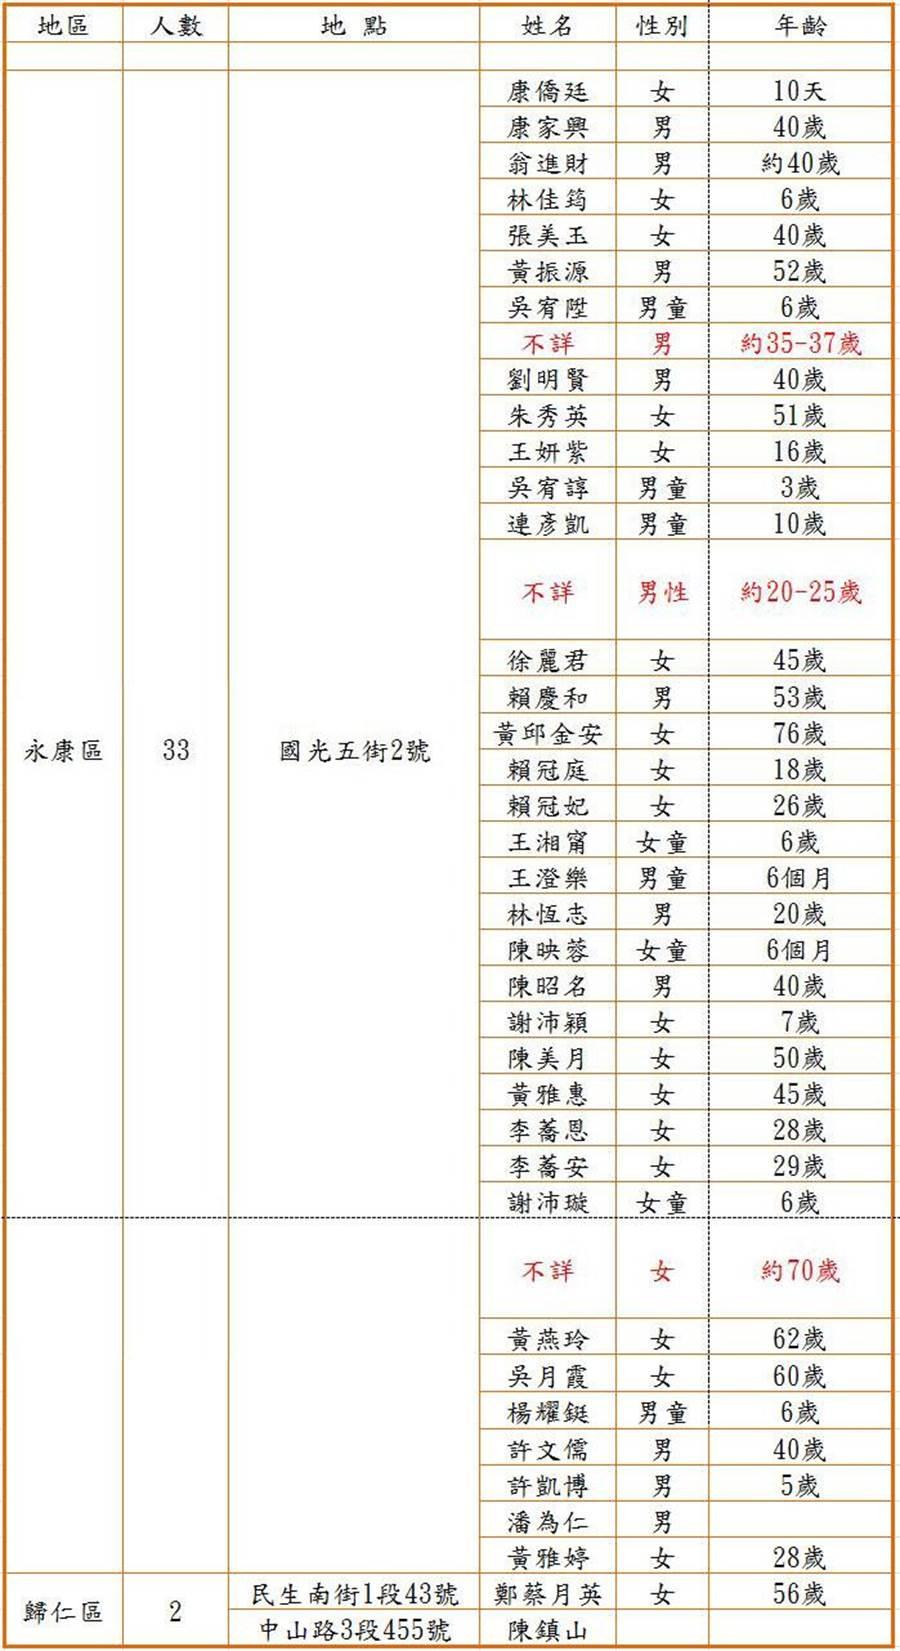 台南地震罹難者名單。(資料來源:台南市消防局)